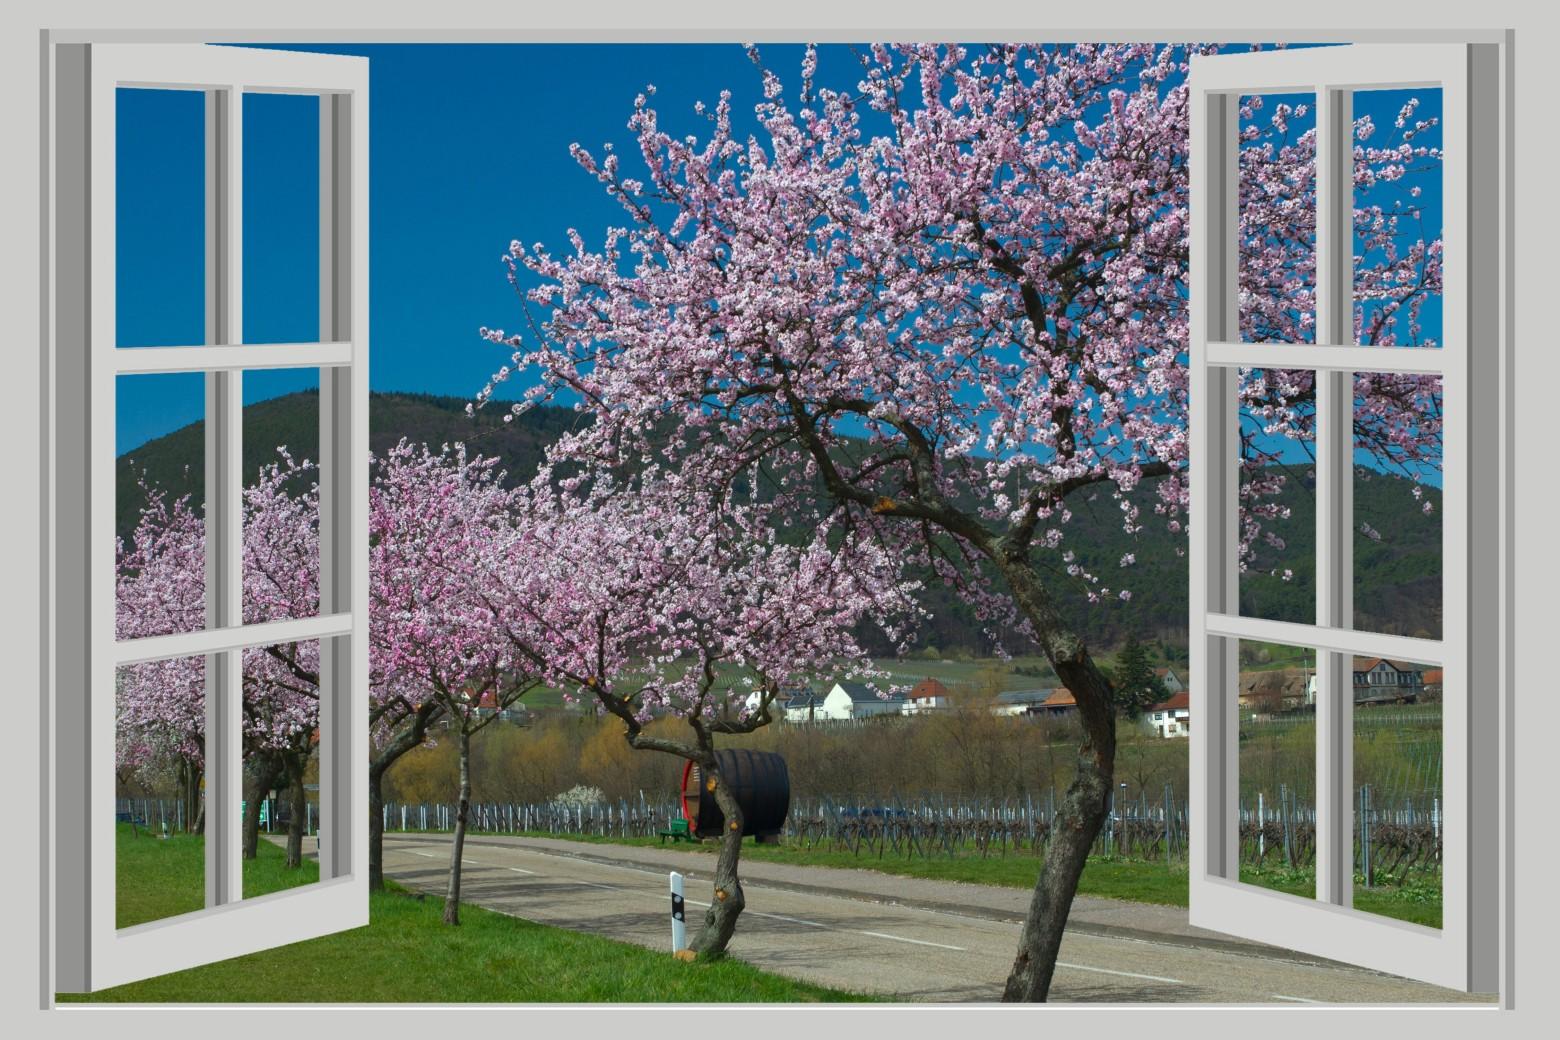 fen tre ouverte sur un paysage fleuri images gratuites et libres de droits. Black Bedroom Furniture Sets. Home Design Ideas